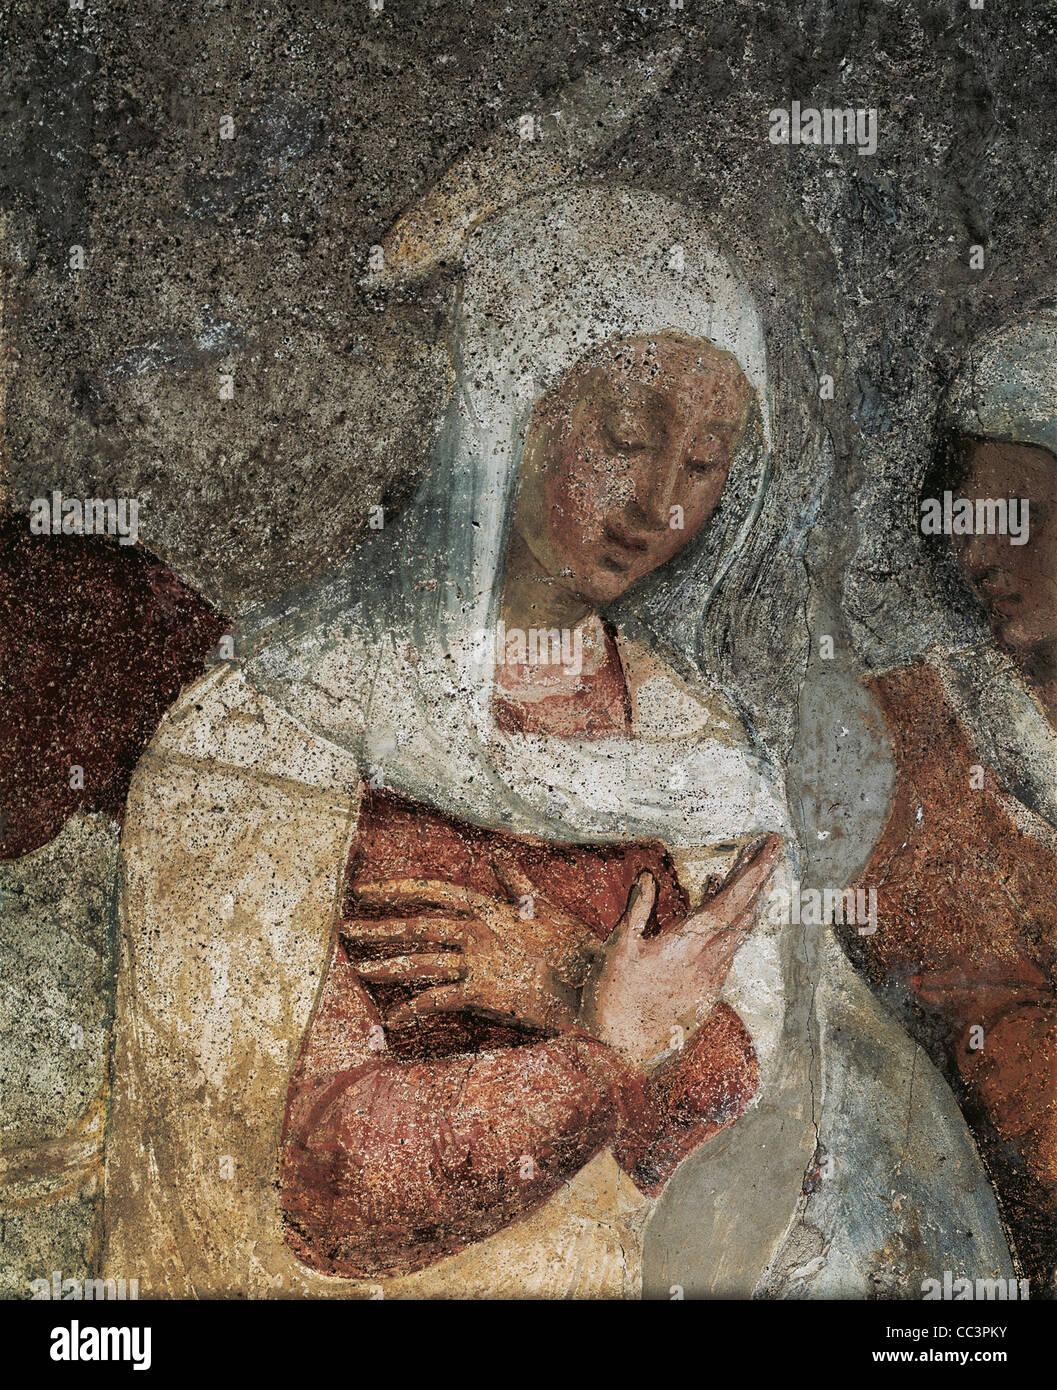 Liguria Chiavari Santuario de Nuestra Señora de Gracia de Teramo Piaggio fresco de la vida de Cristo Imagen De Stock